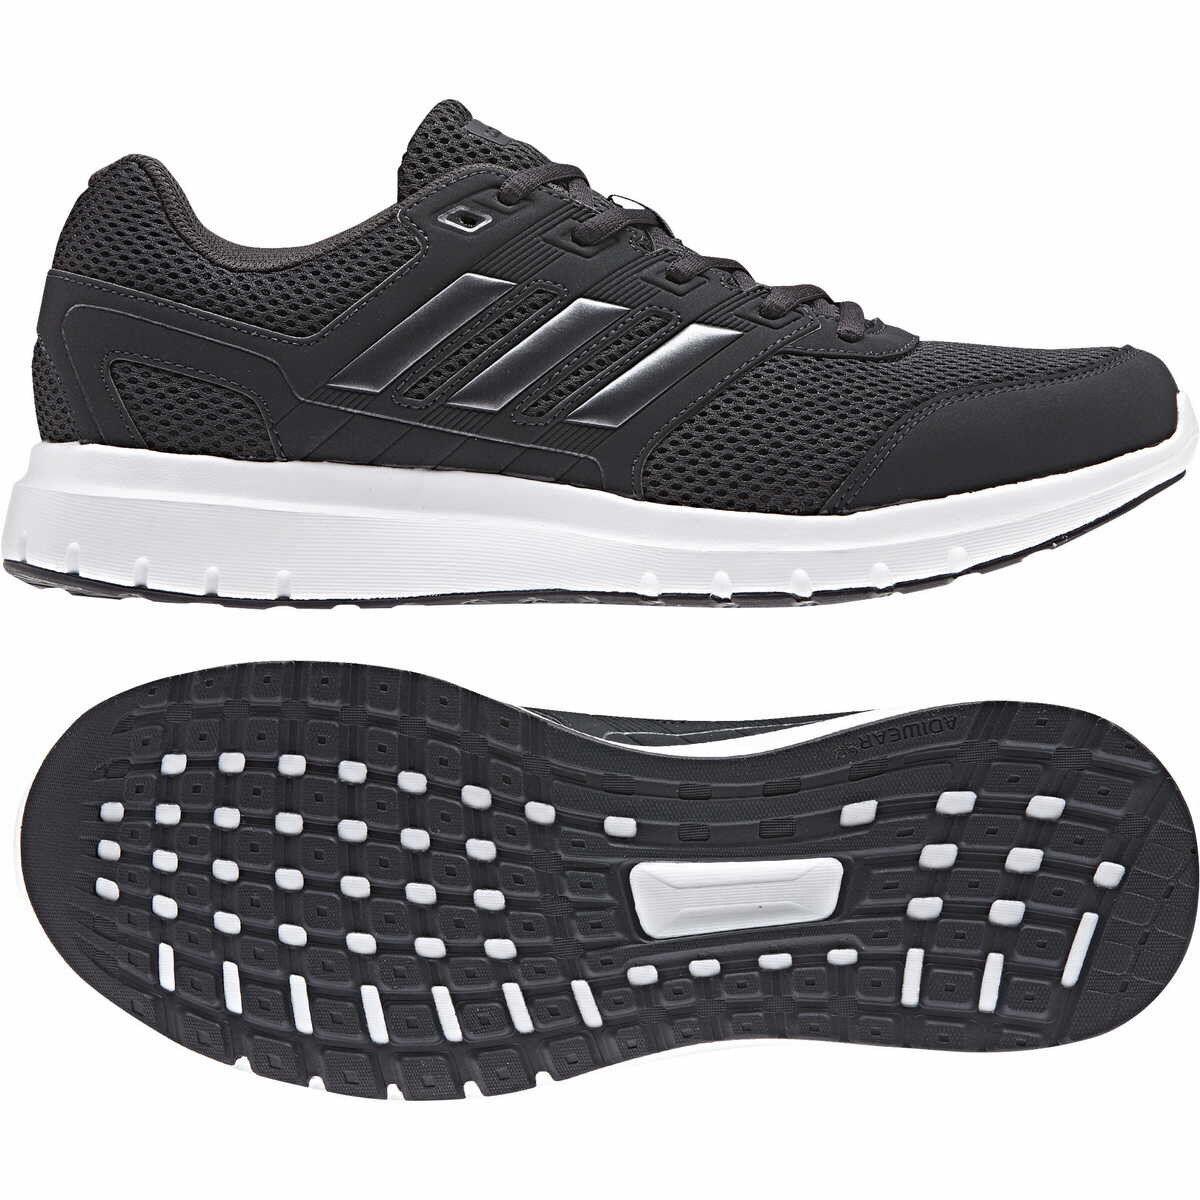 Adidas Sneaker duramo ligth 2.0 black schwarz CG4044 Sport Freizeit Turnschuhe